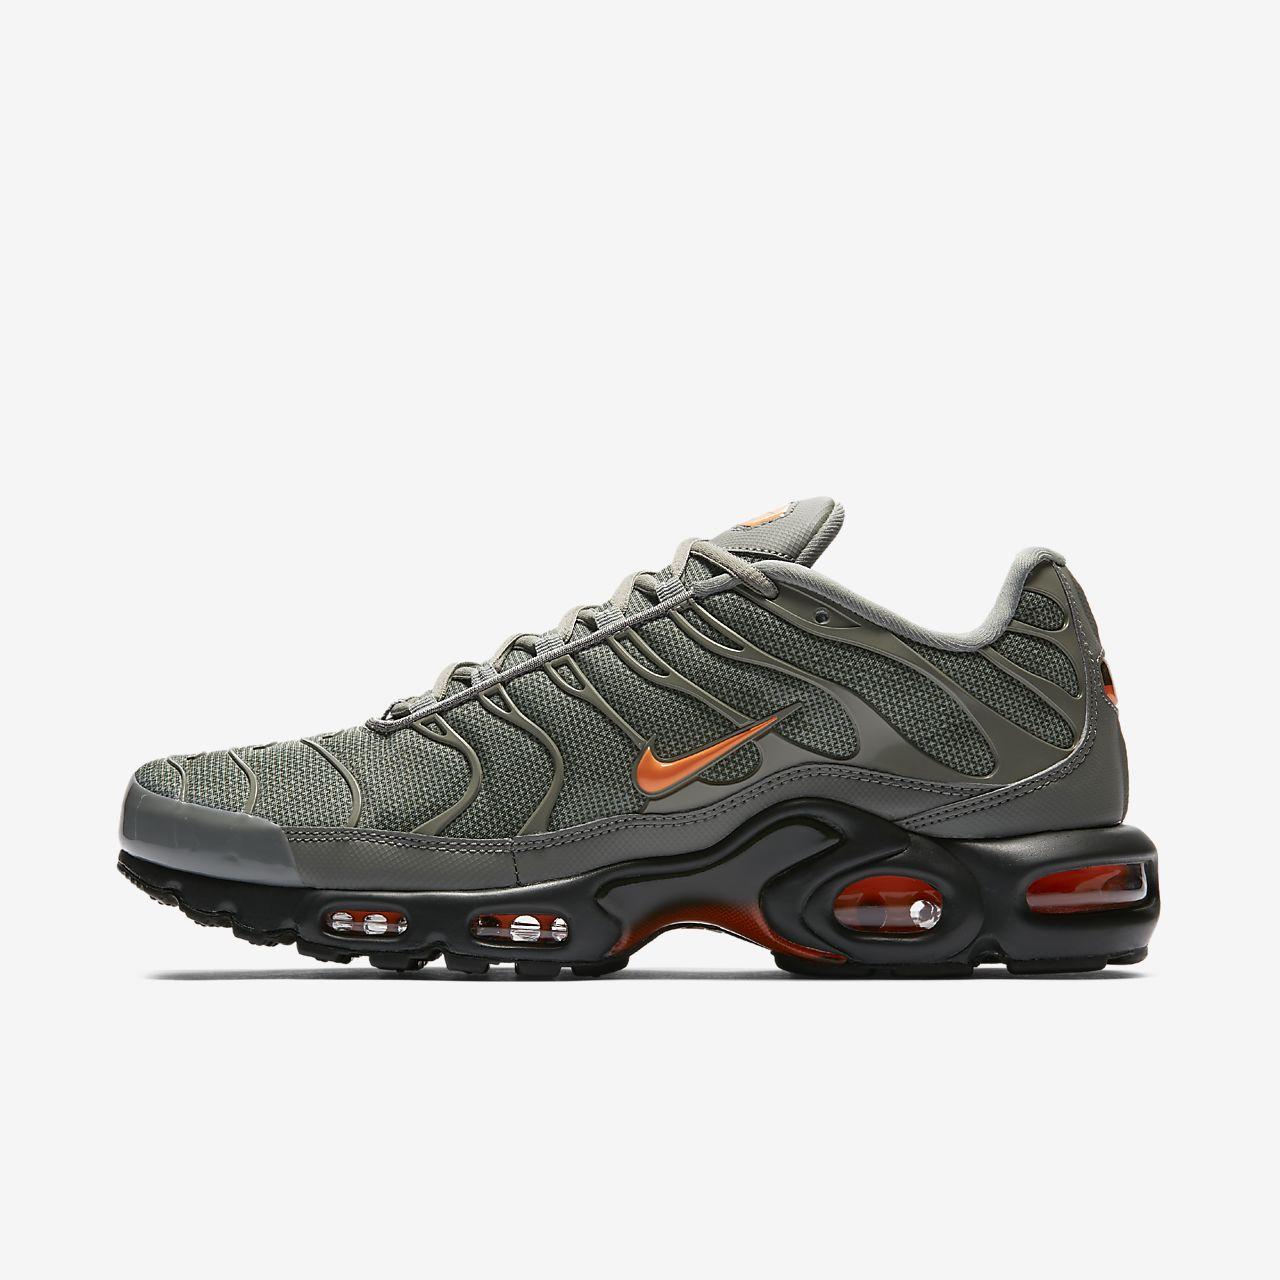 ... Nike Air Max Plus SE - sko til mænd